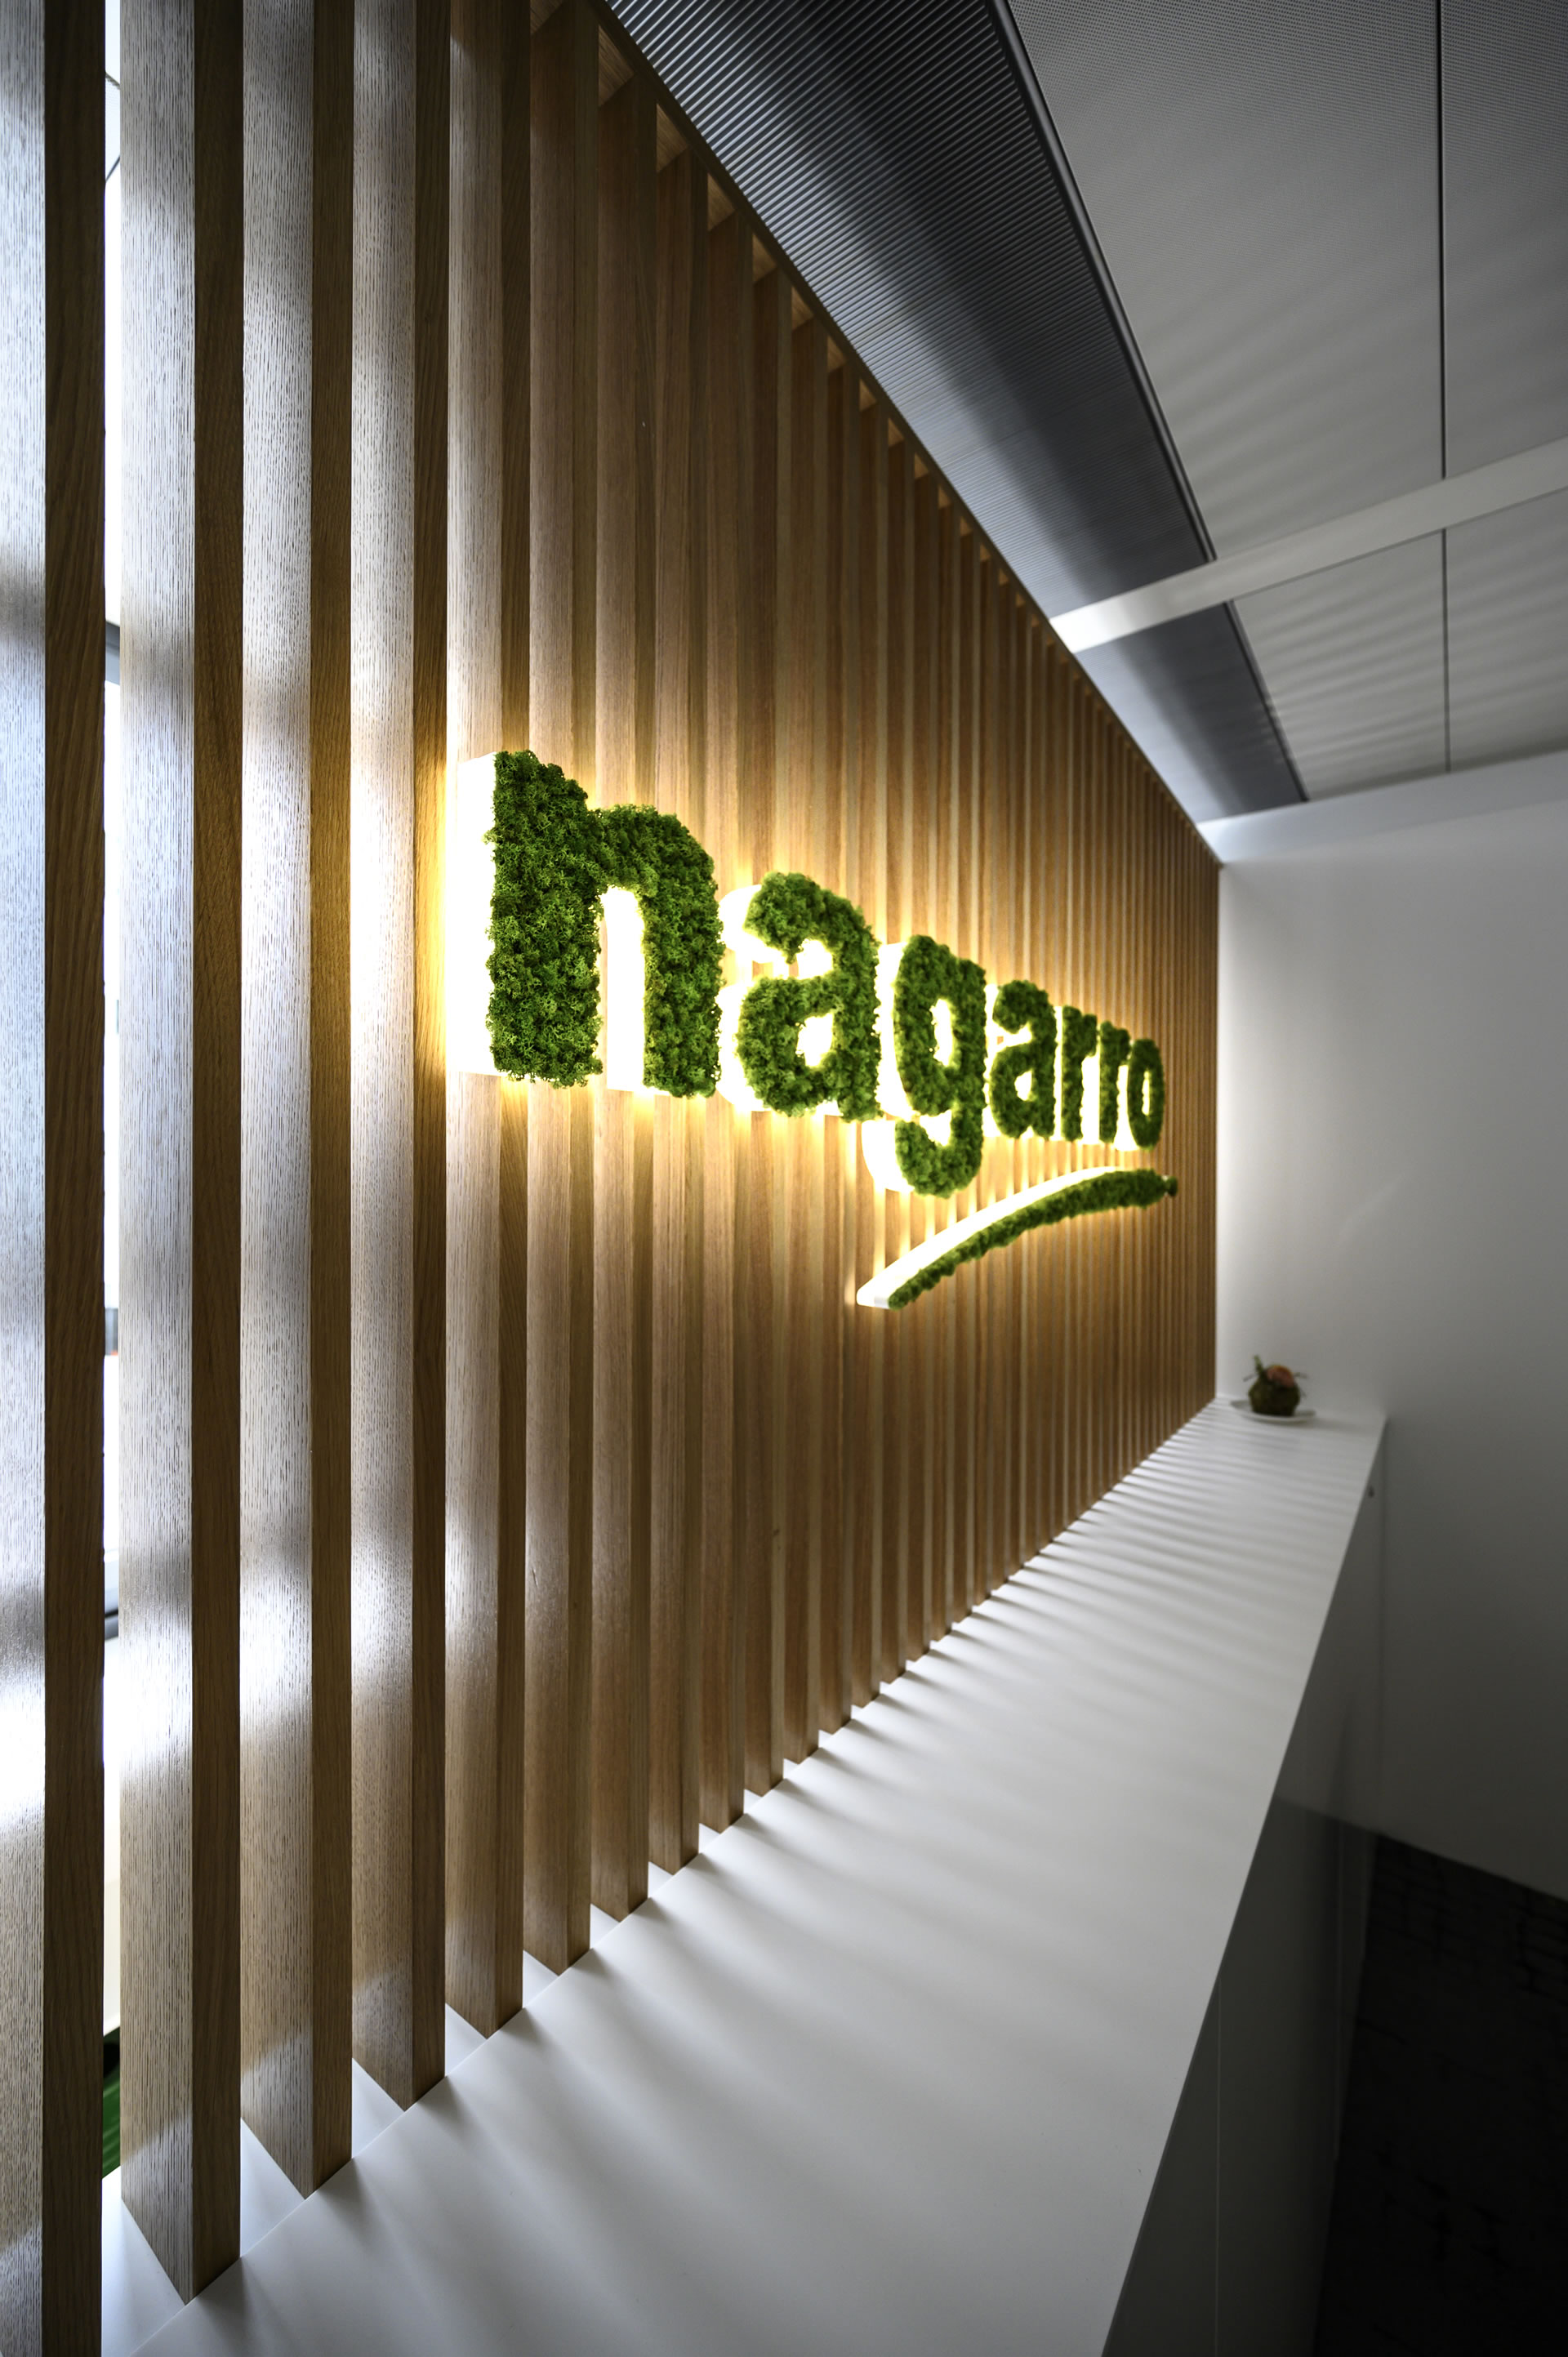 nagarro_whocaresdesign (16).jpg